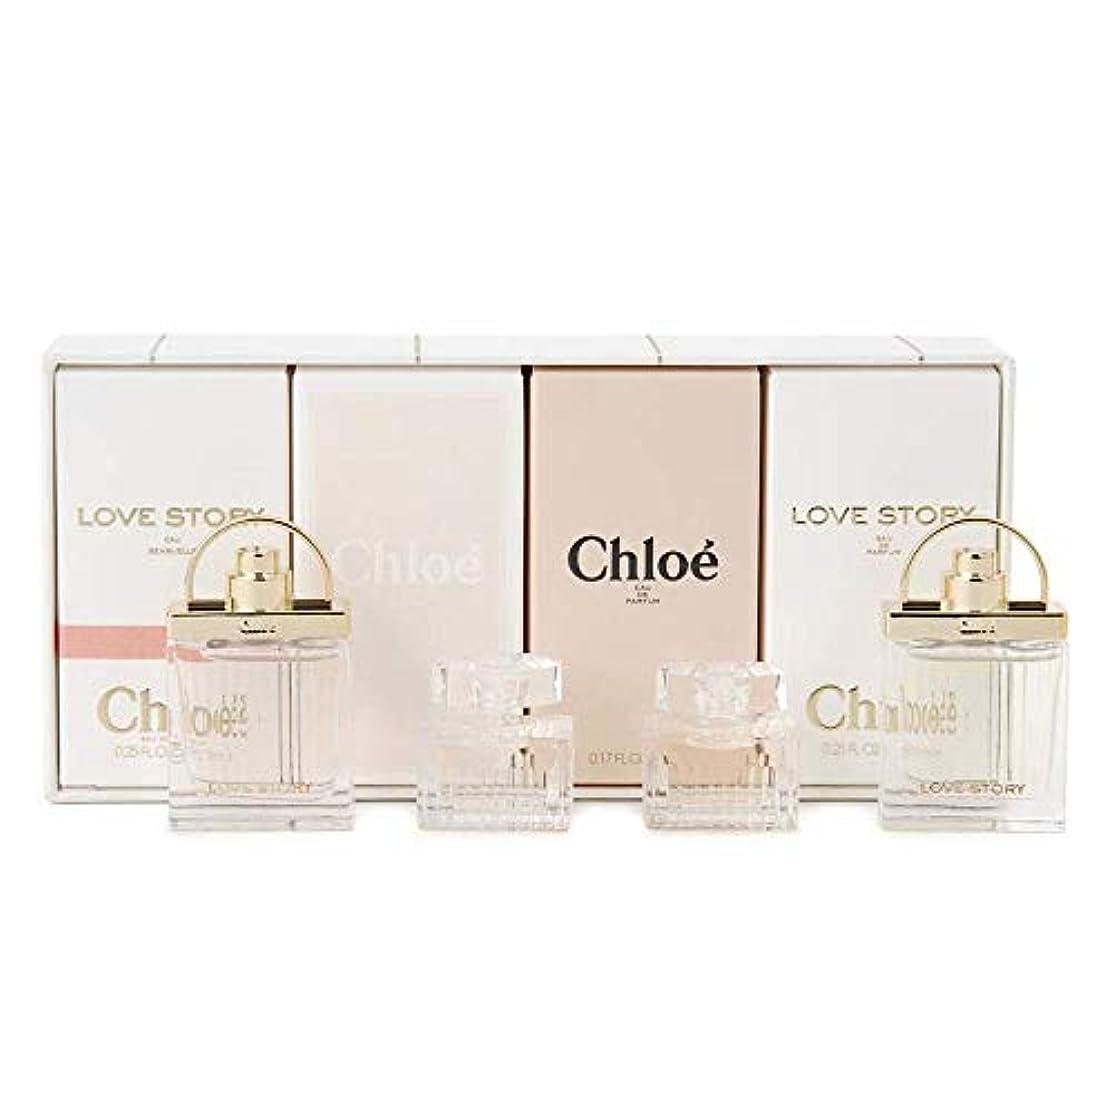 ずらすなぞらえる経験クロエ CHLOE クロエ 香水 ミニチュア セット レディース フレグランス ミニボトル 女性用 [オードパルファム、ラブストーリー] [並行輸入品]